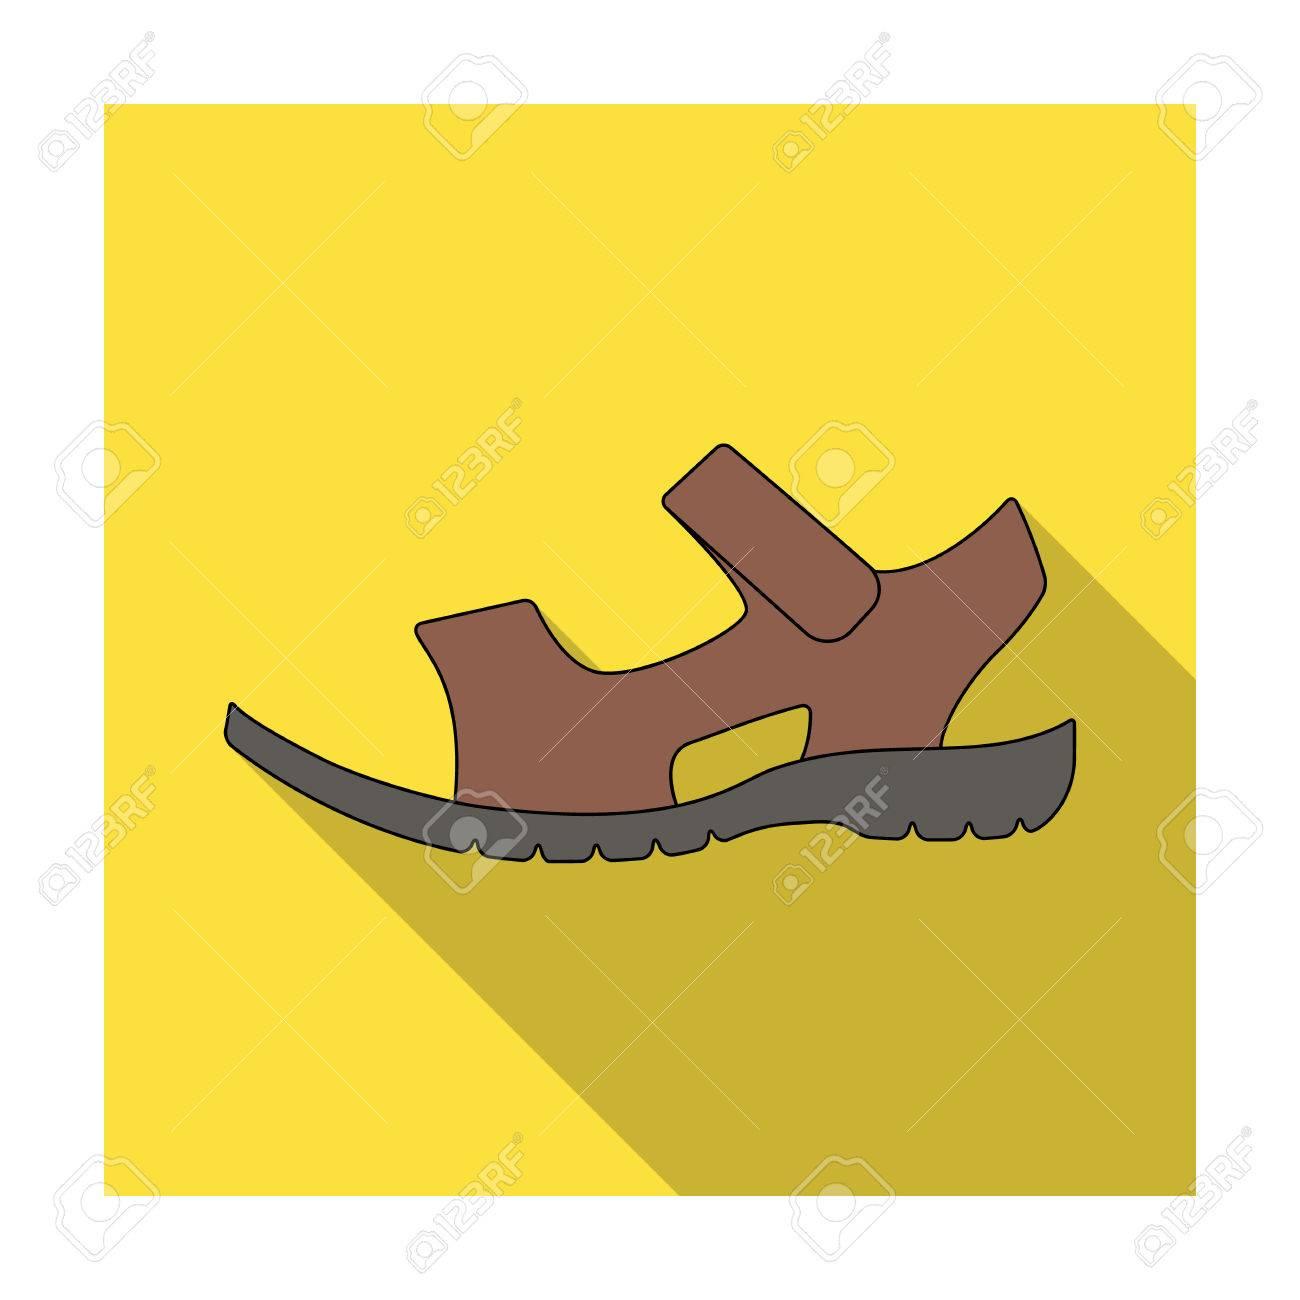 Männer Sommer braun Ledersandalen auf einem nackten Fuß. Unterschiedliche  Schuhe einzelnes Symbol in flachen Stil 8f860c06d0